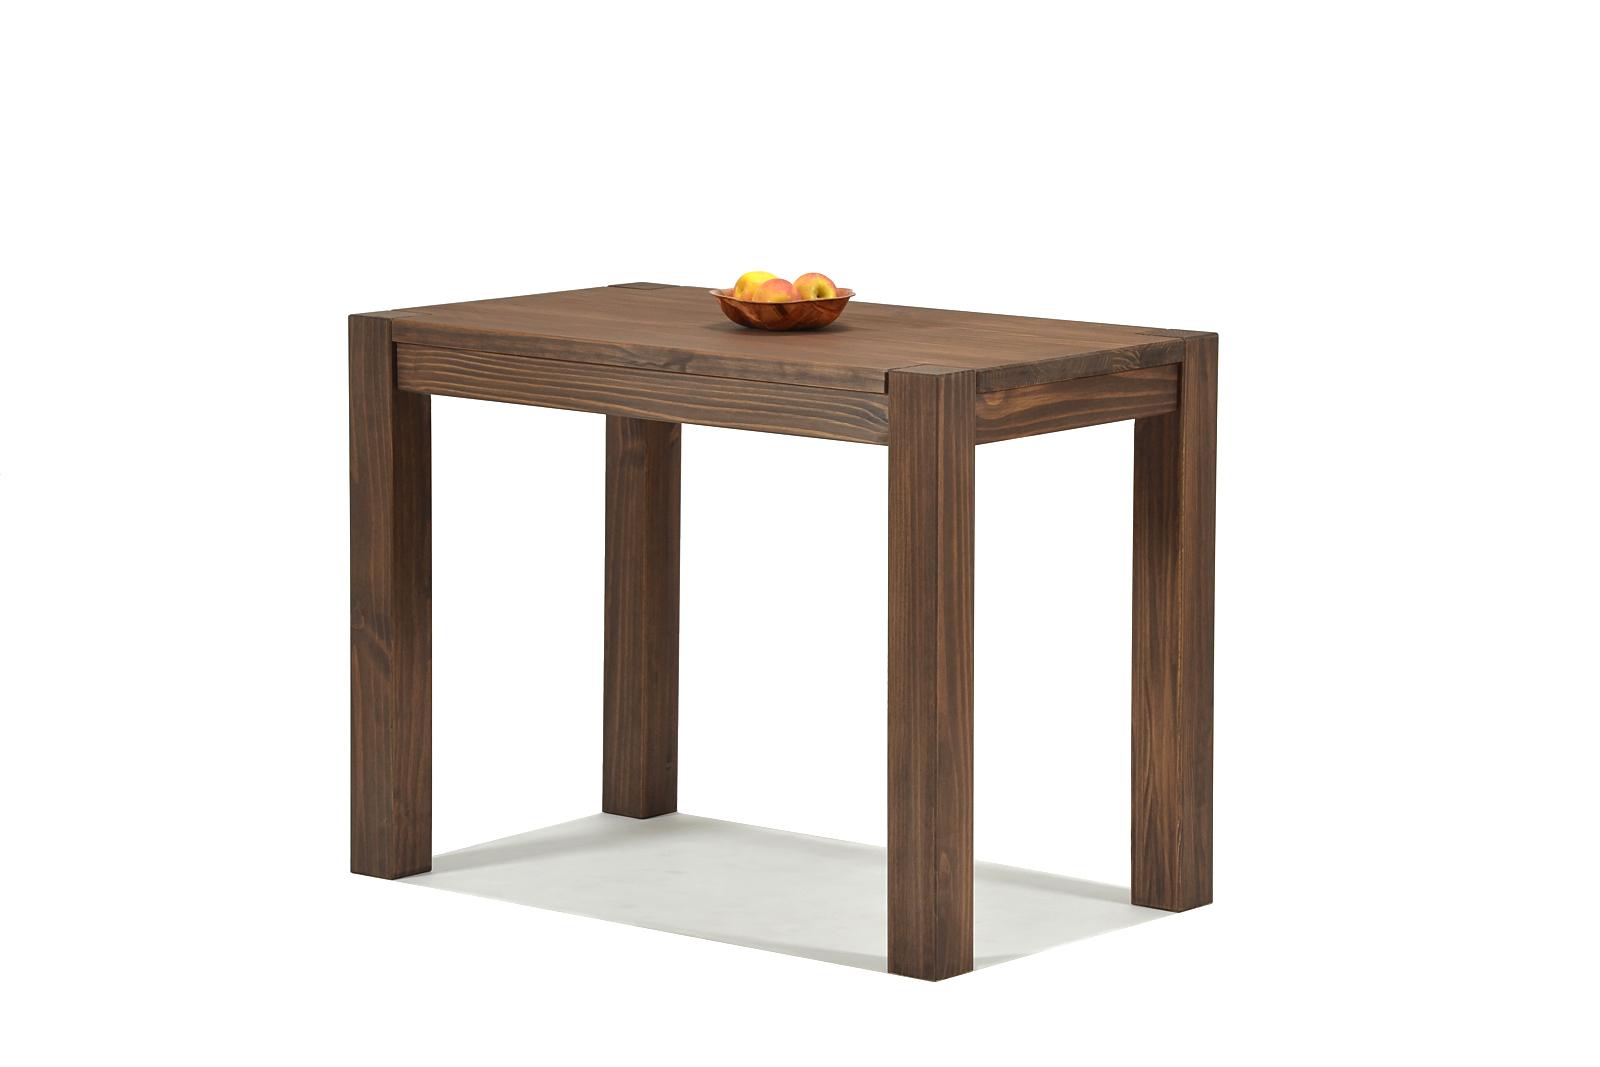 Esstisch Rio Bonito Esszimmer Tisch 90x50cm Massivholz Pinie Cognac braun